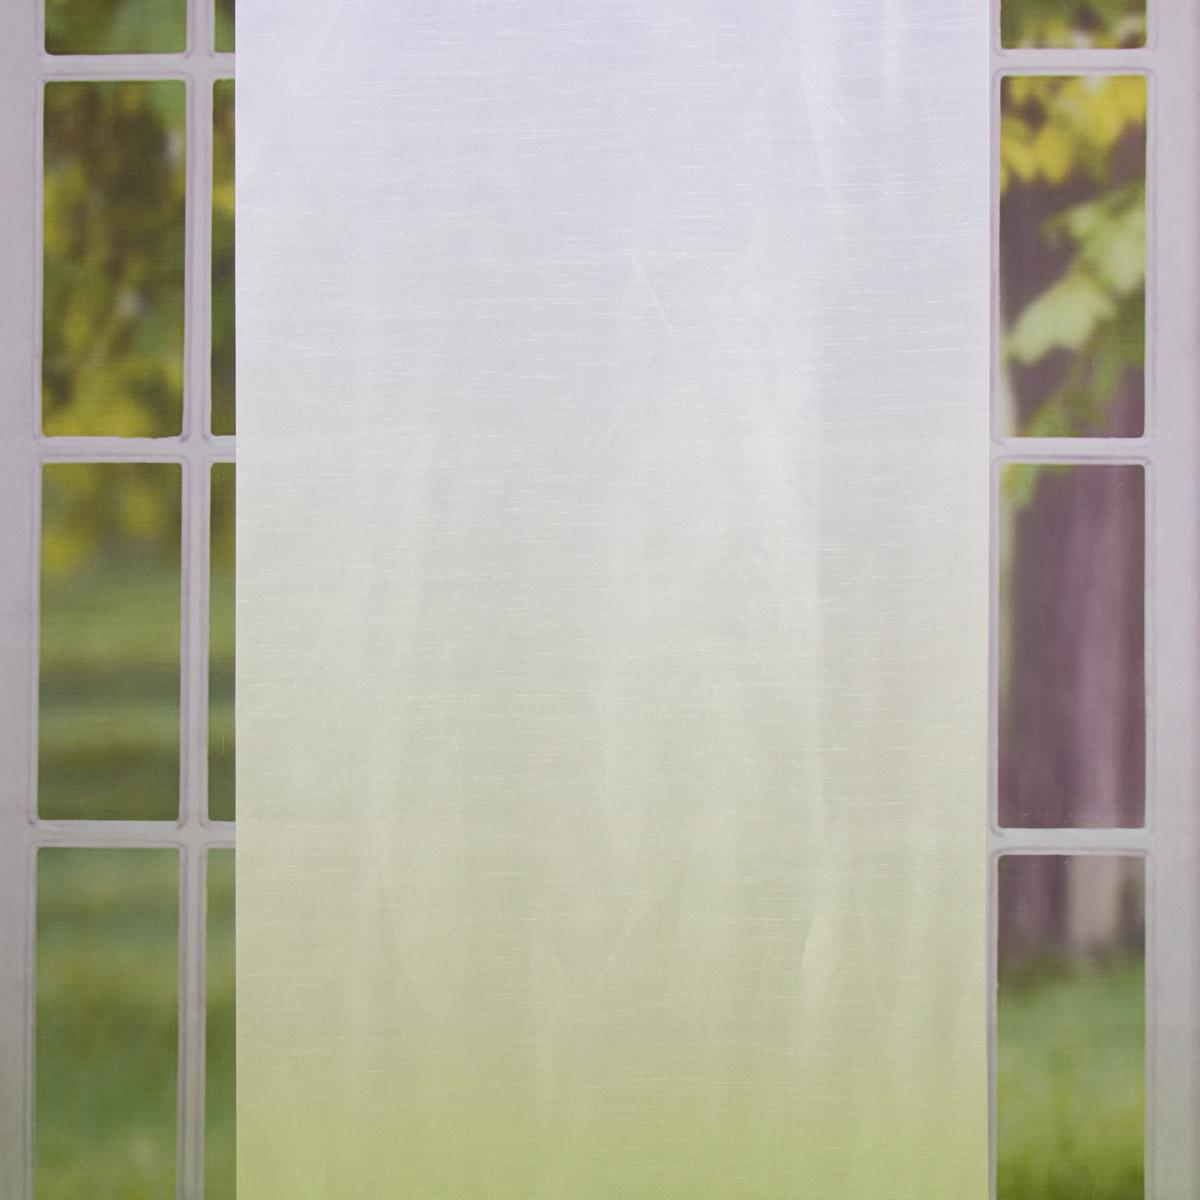 Schiebevorhang Flächenvorhang Flächenschal Digitaldruck 60x245cm Madrid grün